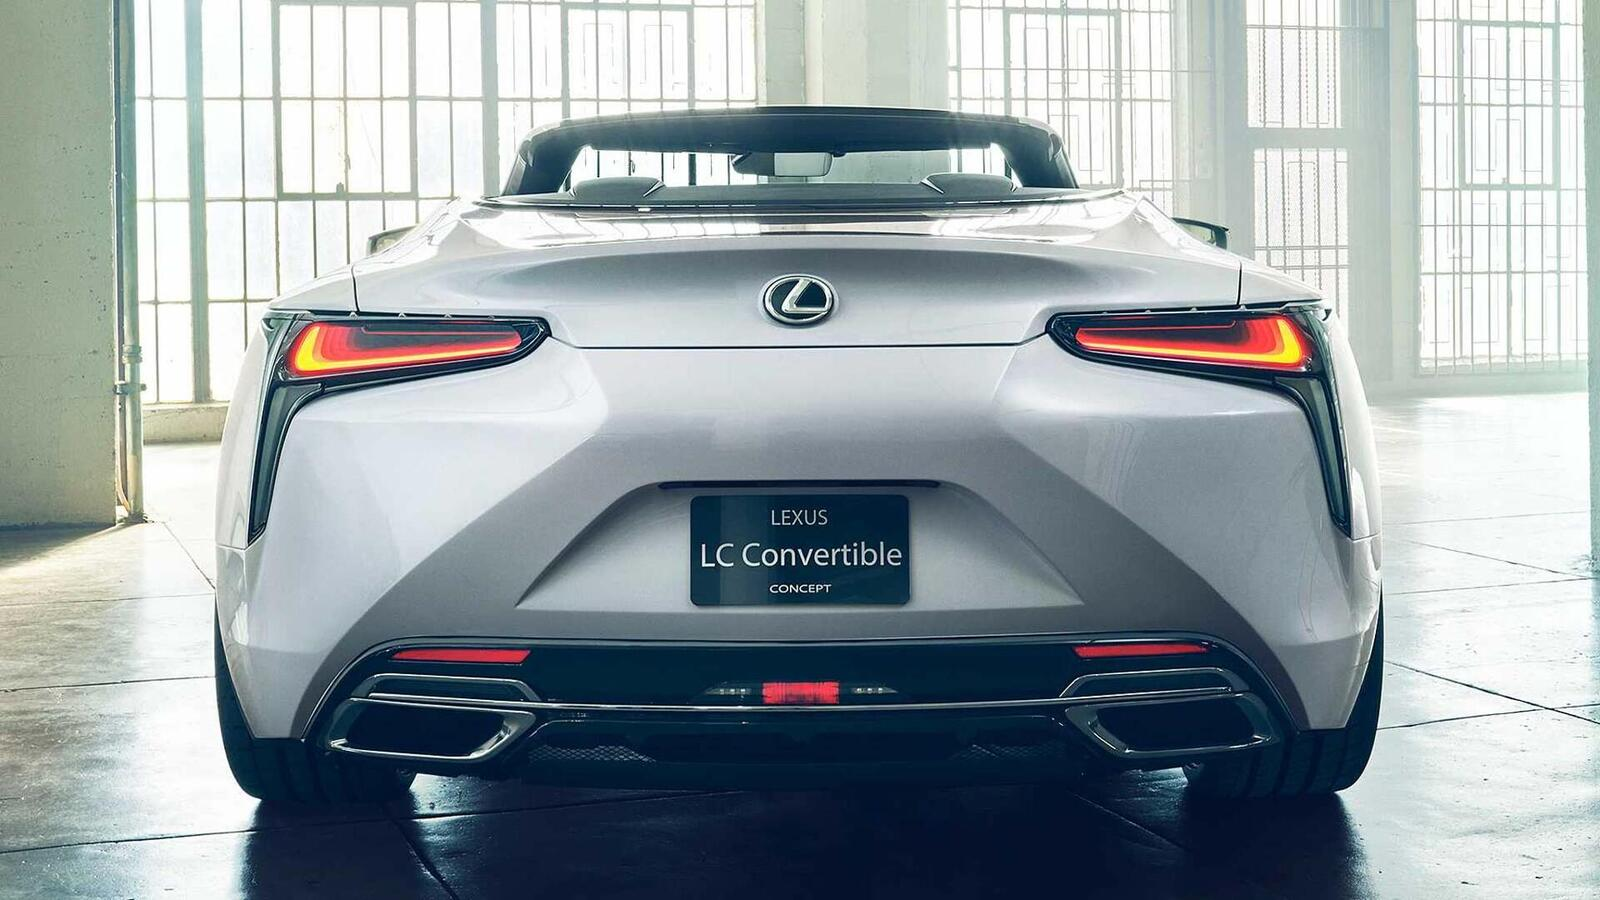 Lexus LC Convertible Concept 2020 sắp ra mắt tại Triển Lãm ô tô Quốc Tế Bắc Mỹ 2019 - Hình 9